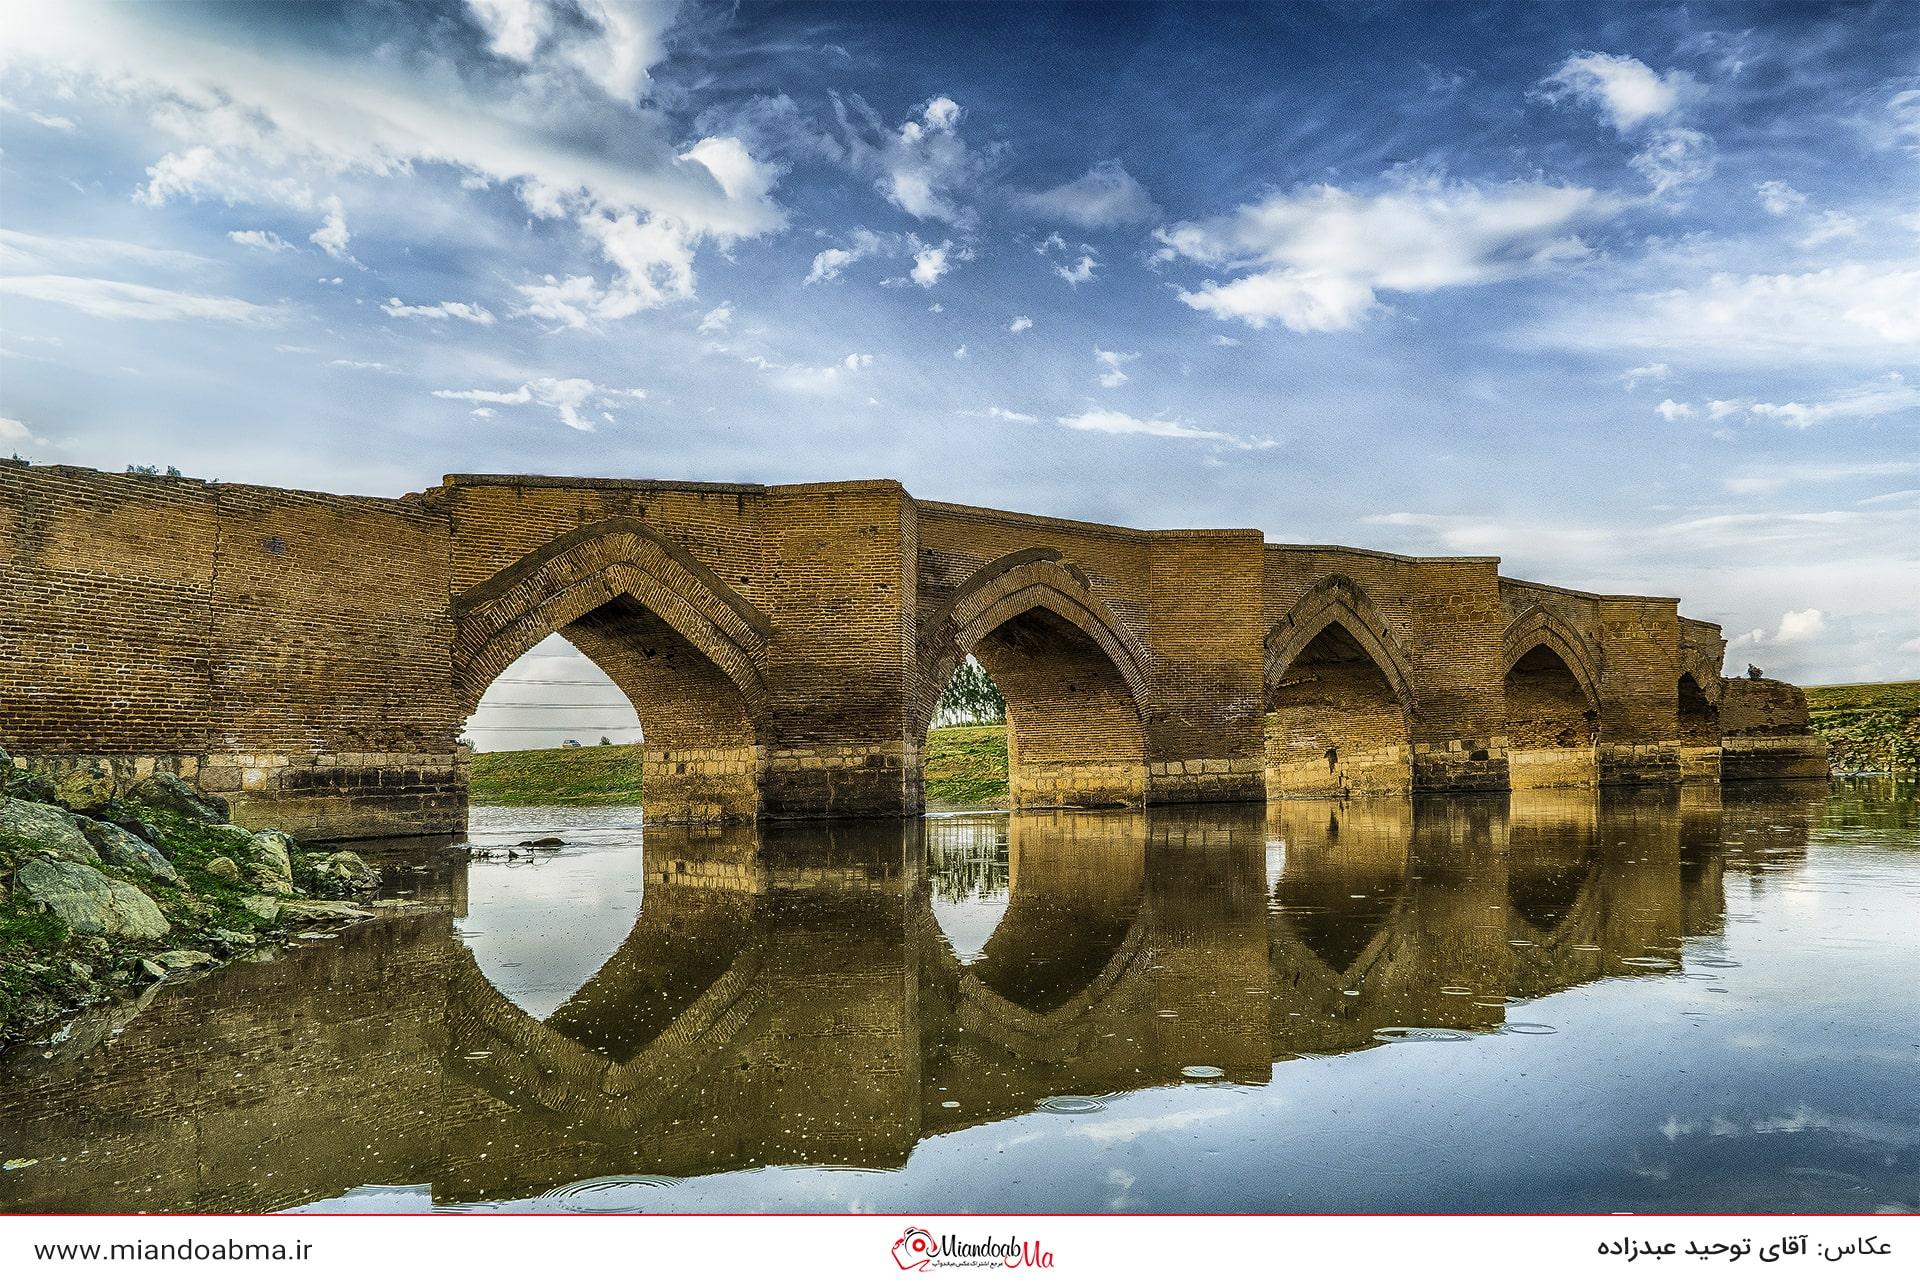 پل میرزا رسول شهرستان میاندوآب